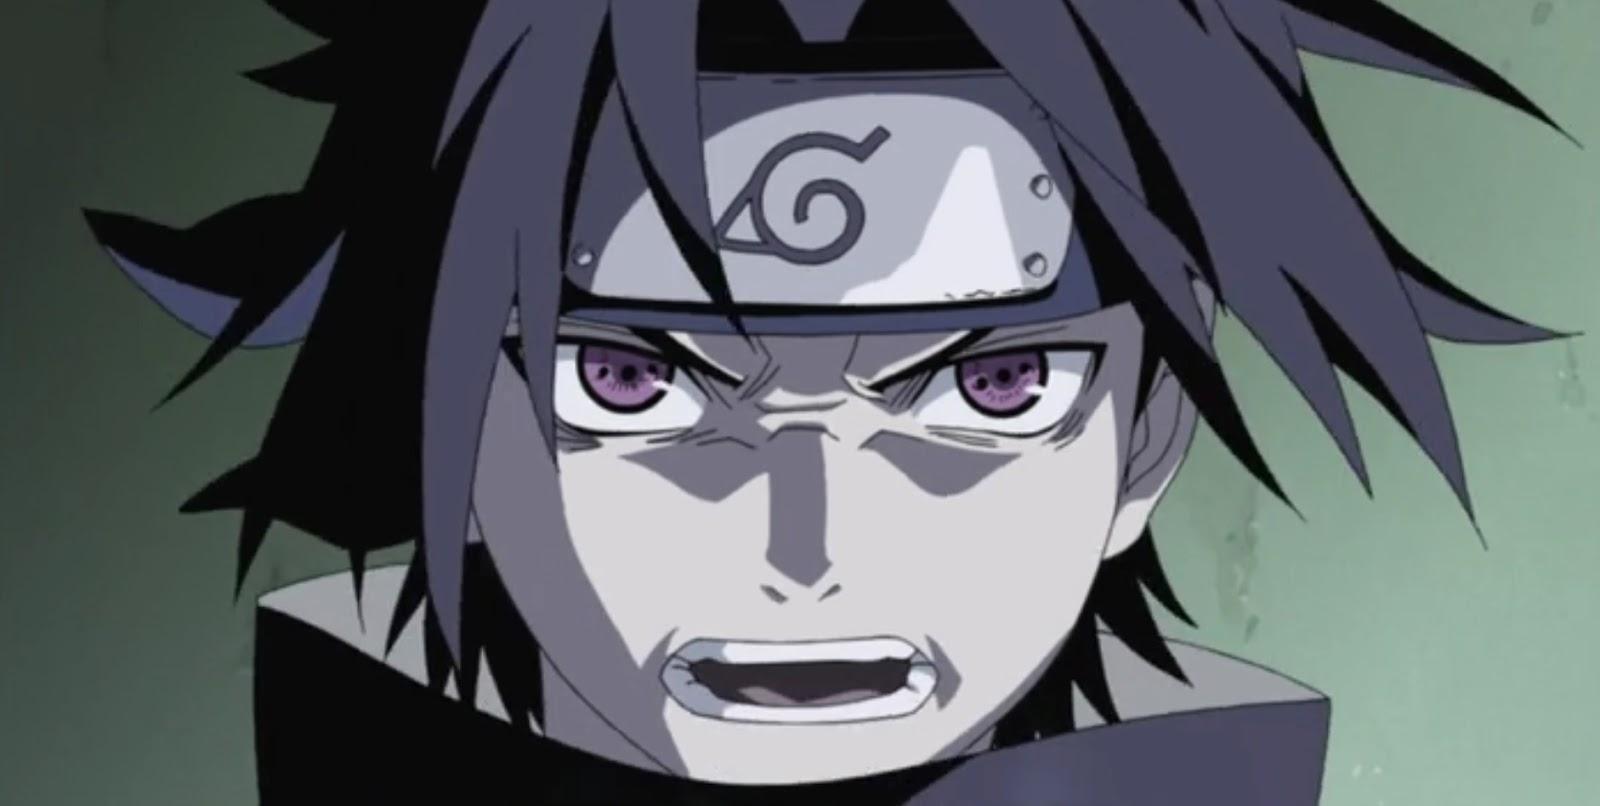 Naruto Shippuden Episódio 370, Assistir Naruto Shippuden Episódio 370, Assistir Naruto Shippuden Todos os Episódios Legendado, Naruto Shippuden episódio 370,HD